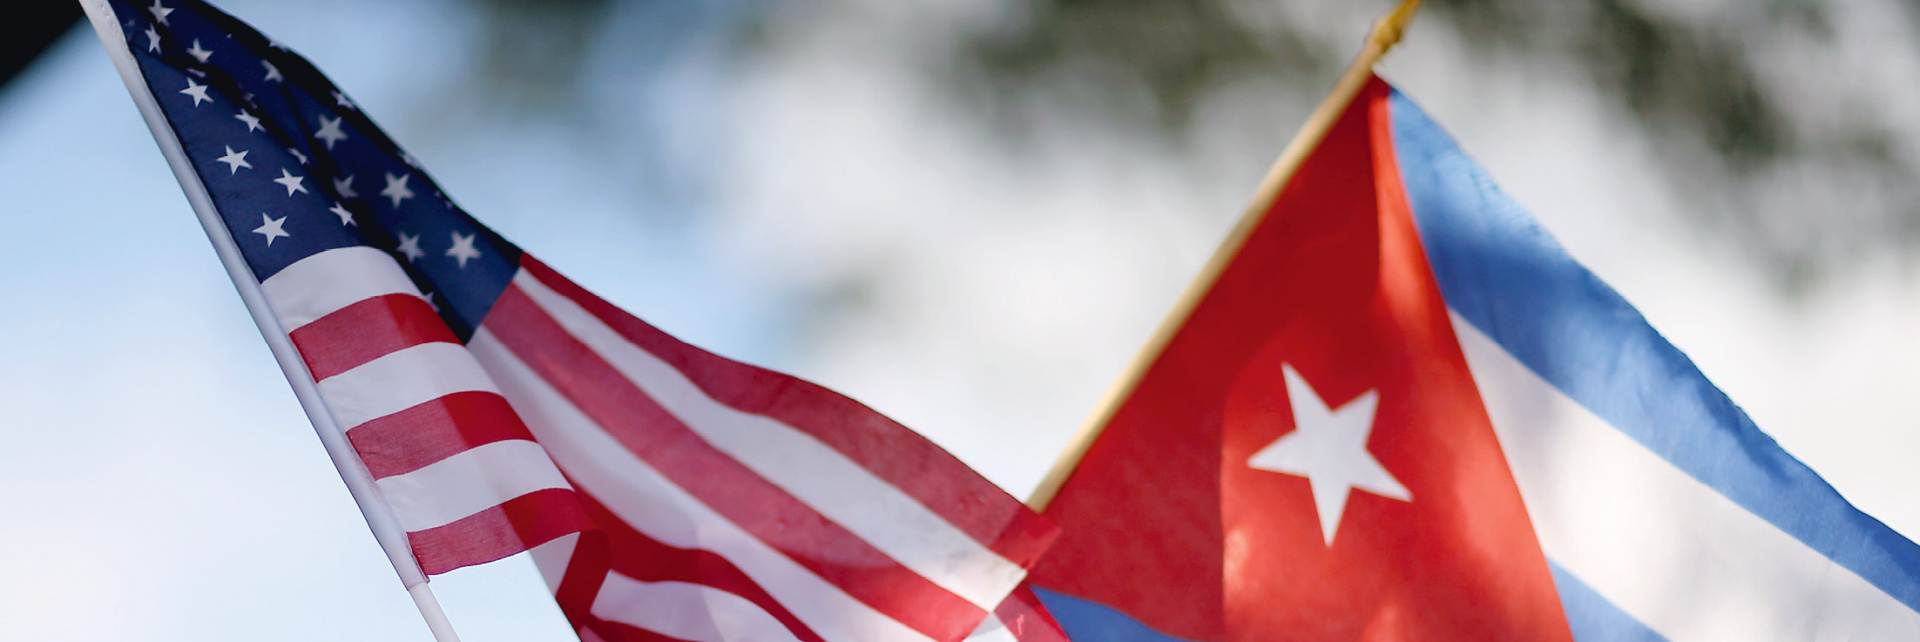 Američke svađe otvorile vrata Kube svijetu